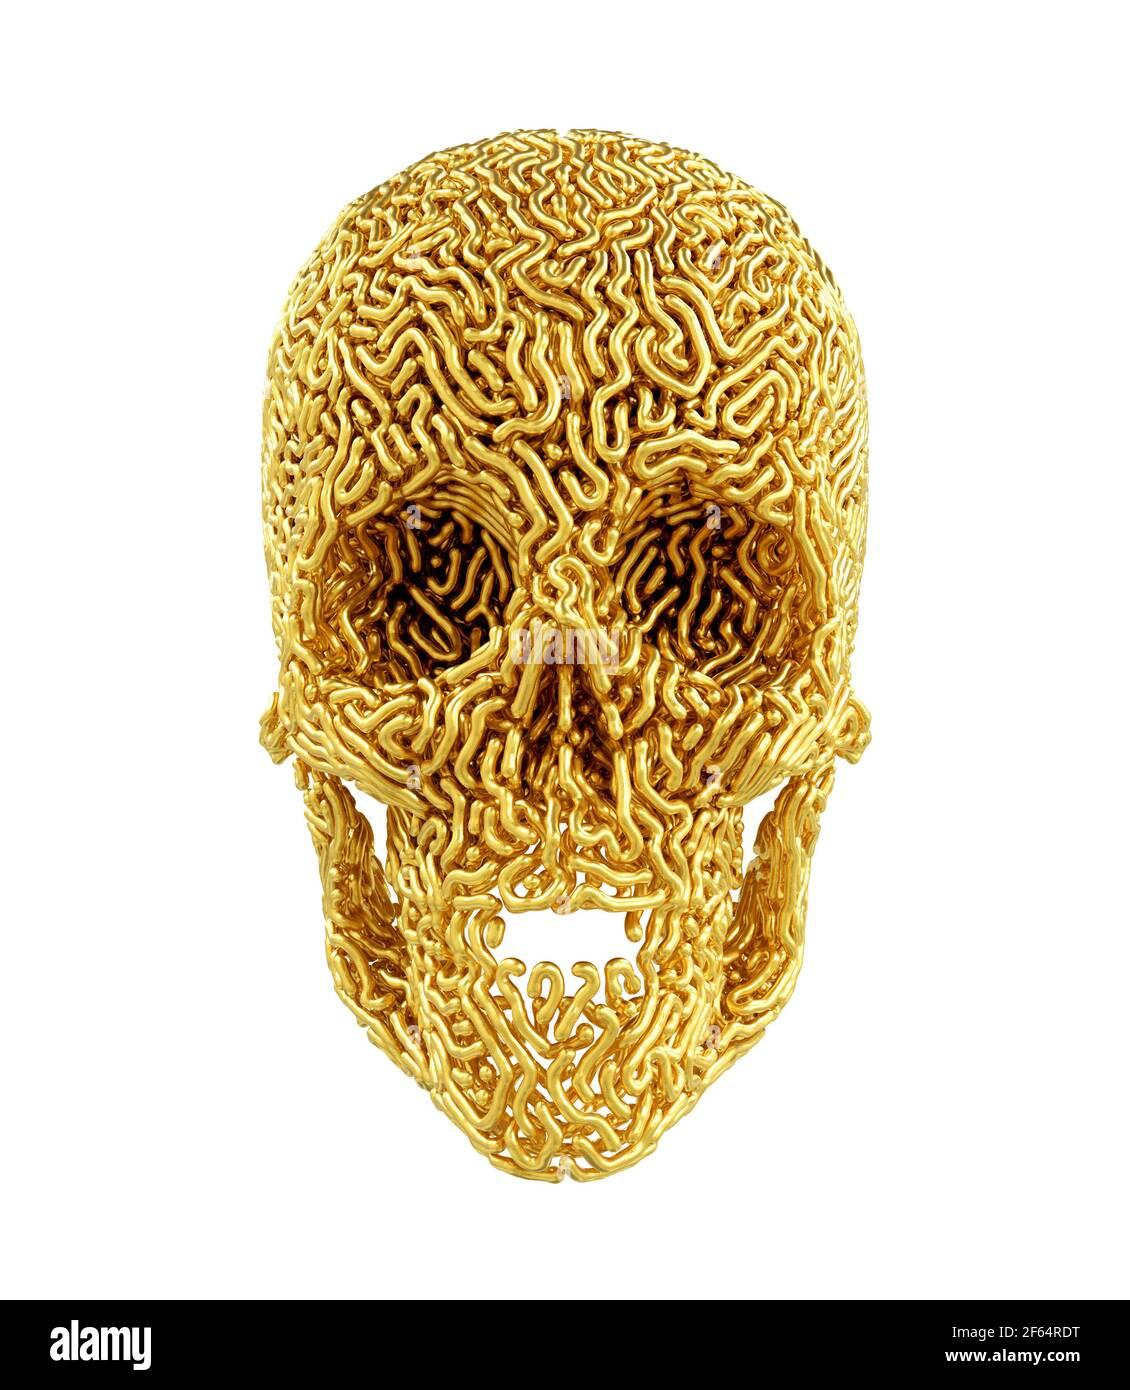 Golden Carved Skull On White Background Stock Photo